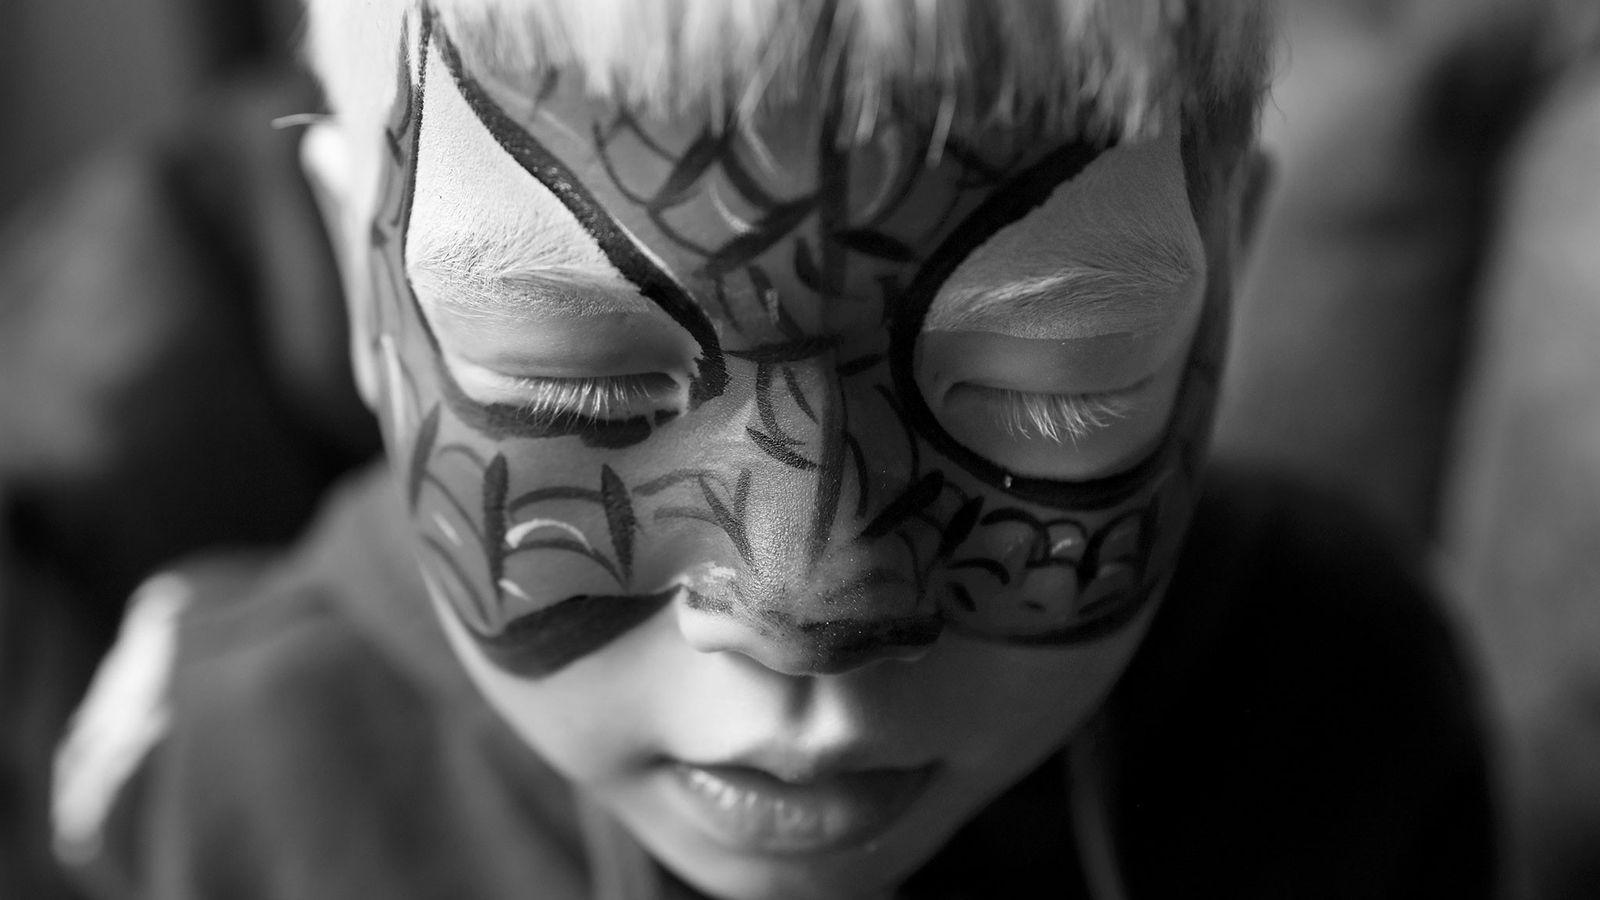 Forest mit seiner Spider-Man-Gesichtsbemalung